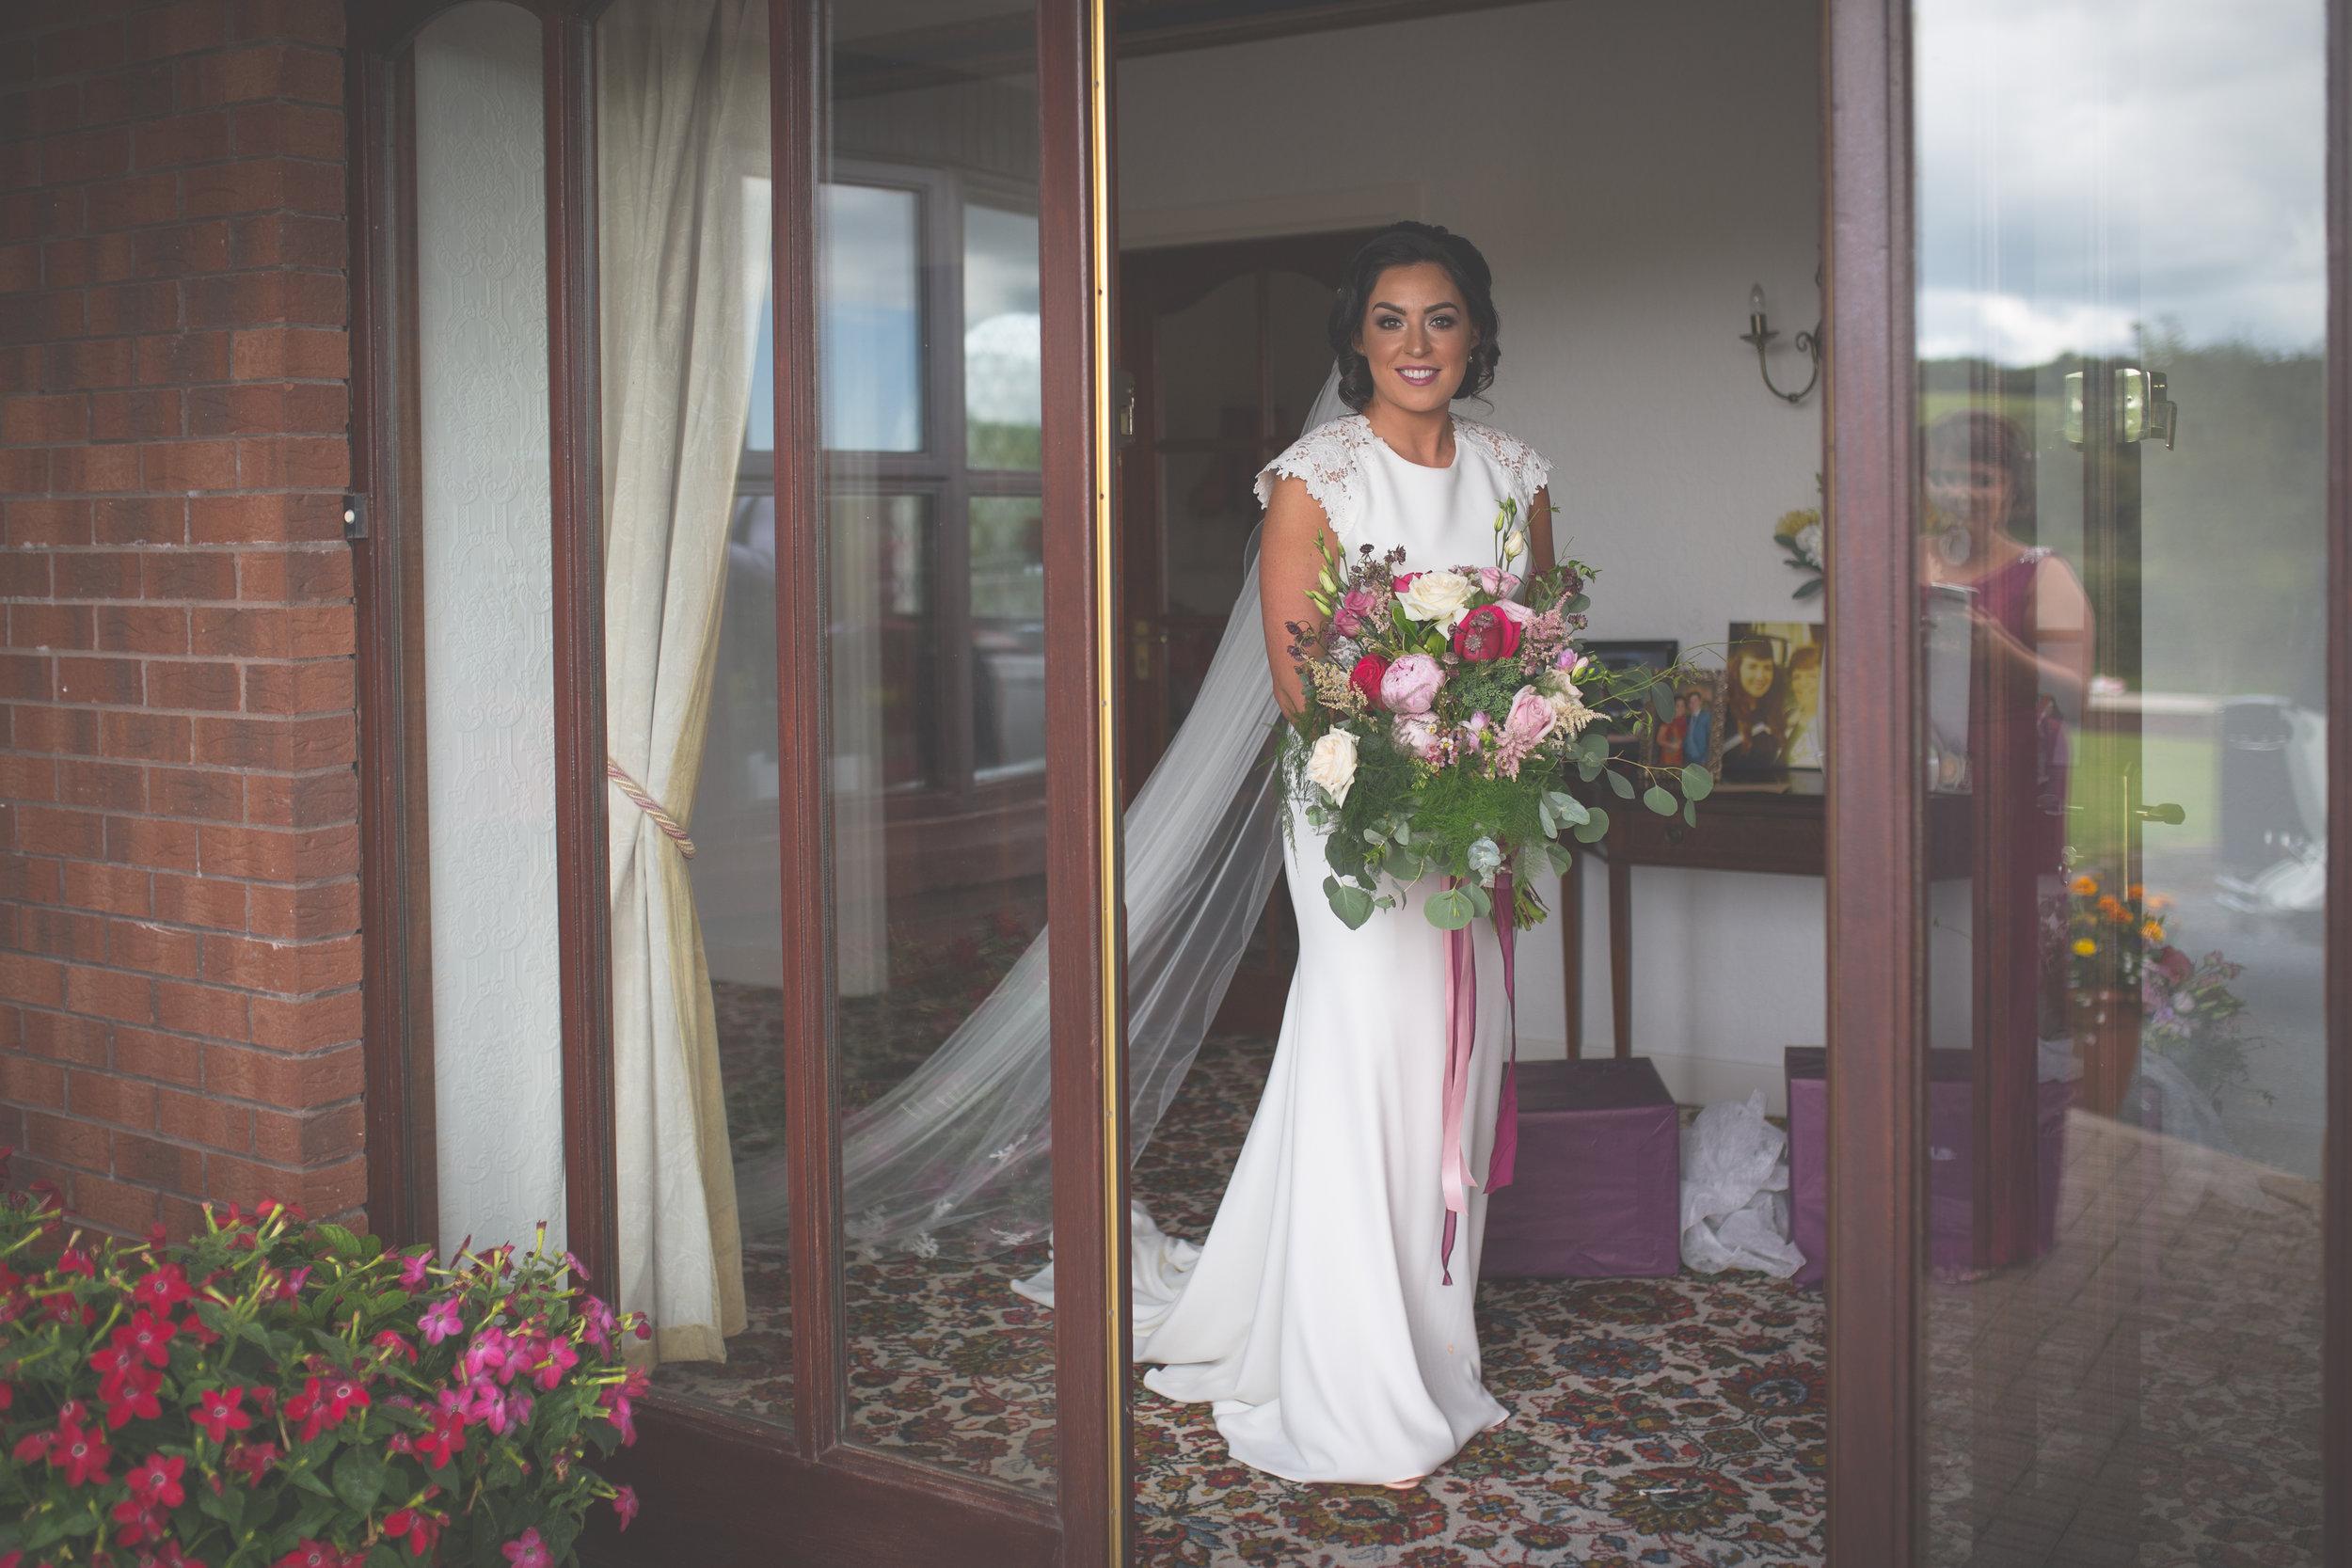 Brian McEwan Wedding Photography | Carol-Anne & Sean | Bridal Preparations-146.jpg